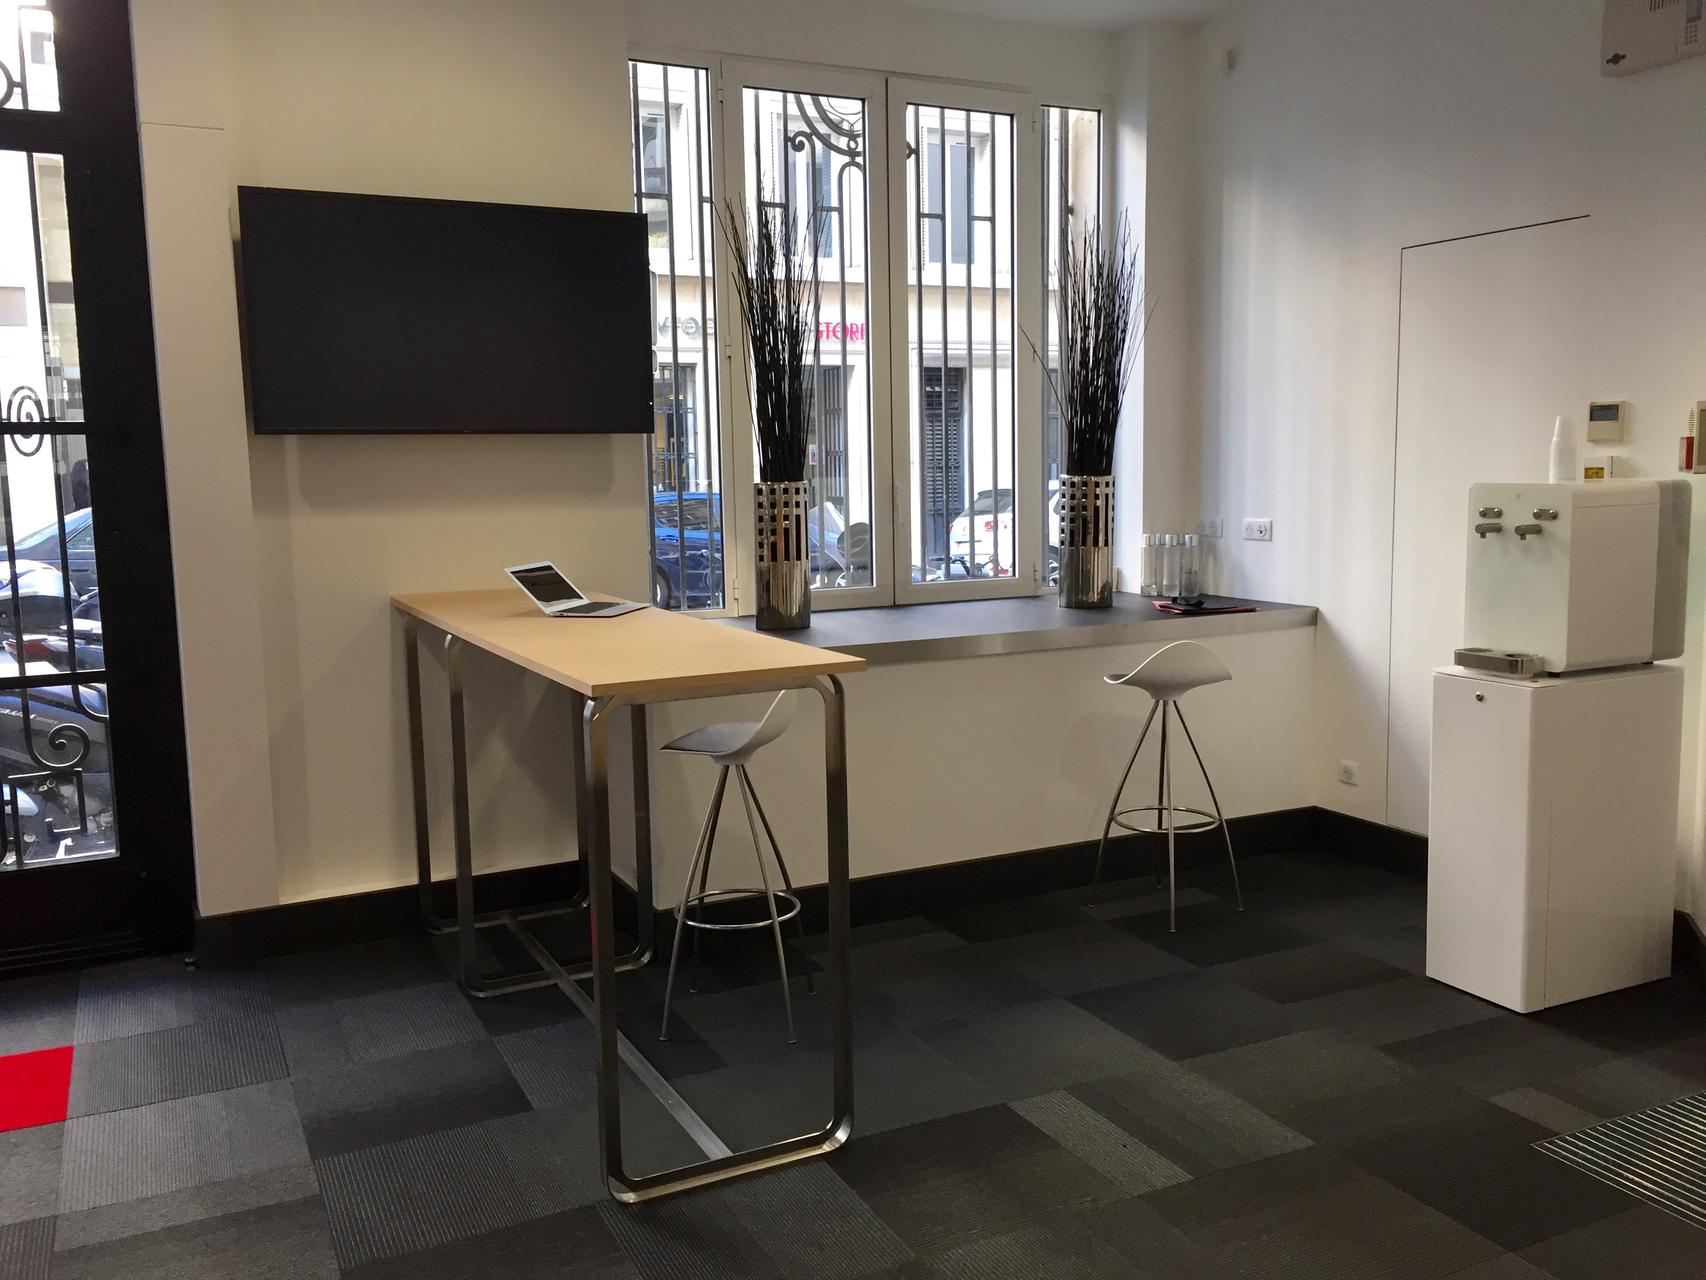 un espace café et détente design et convivial dans l'entreprise